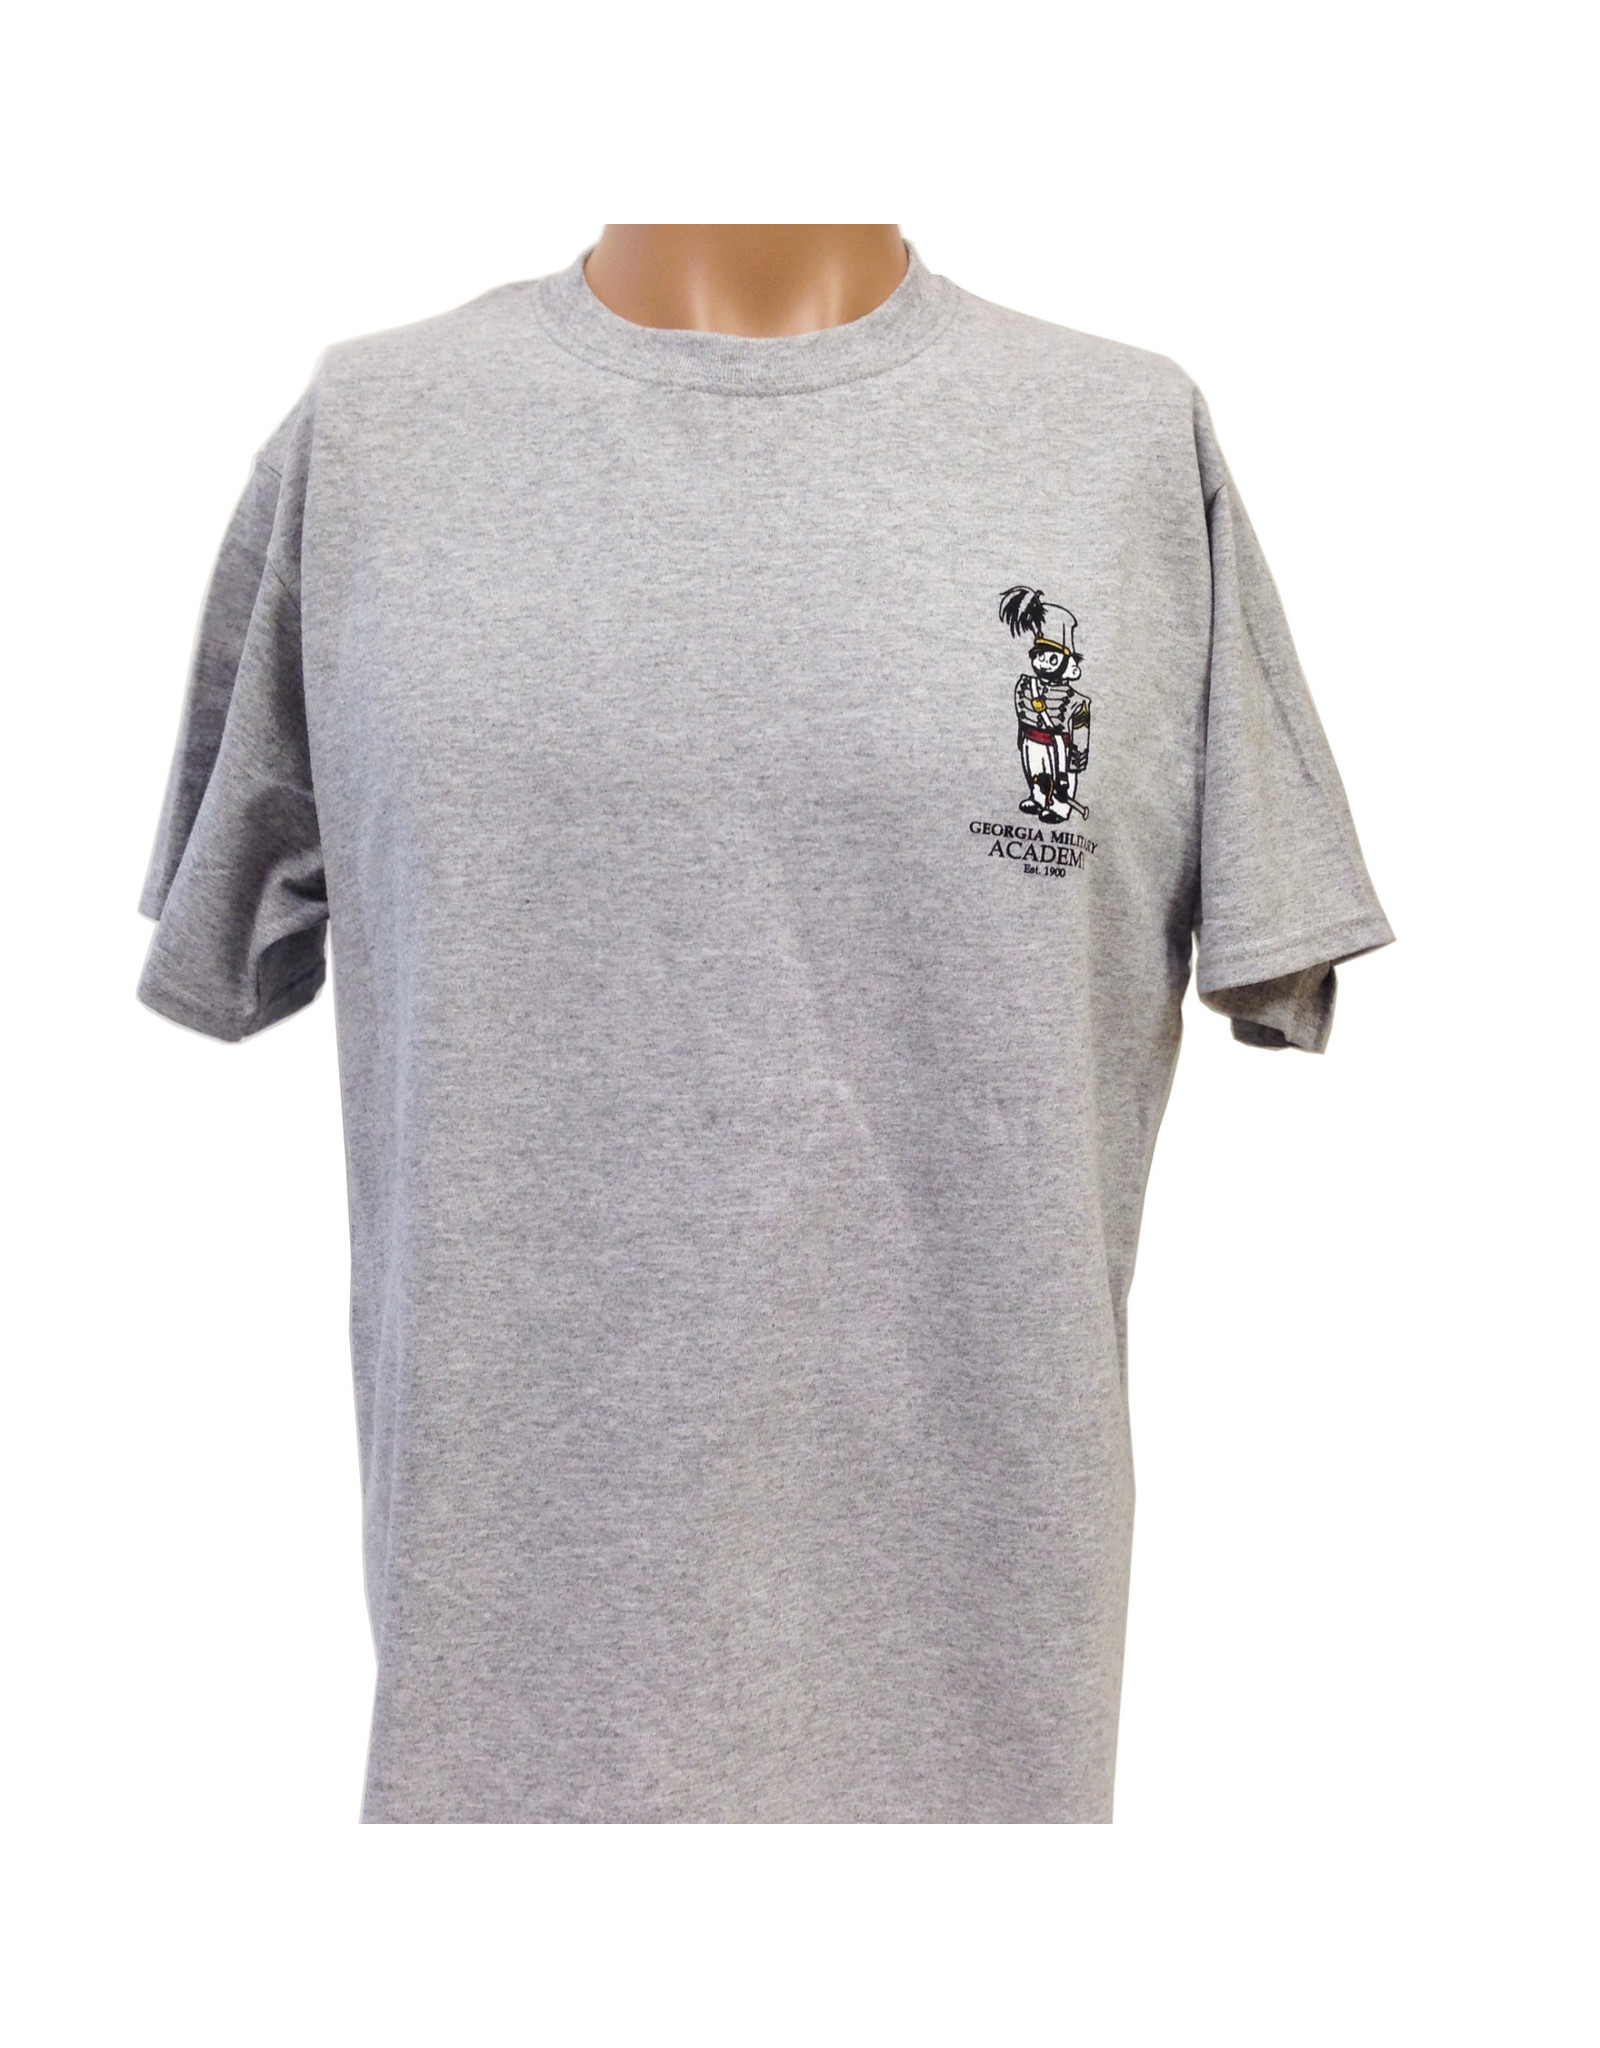 BSN GMA Cadet (Left Chest) SS T Shirt